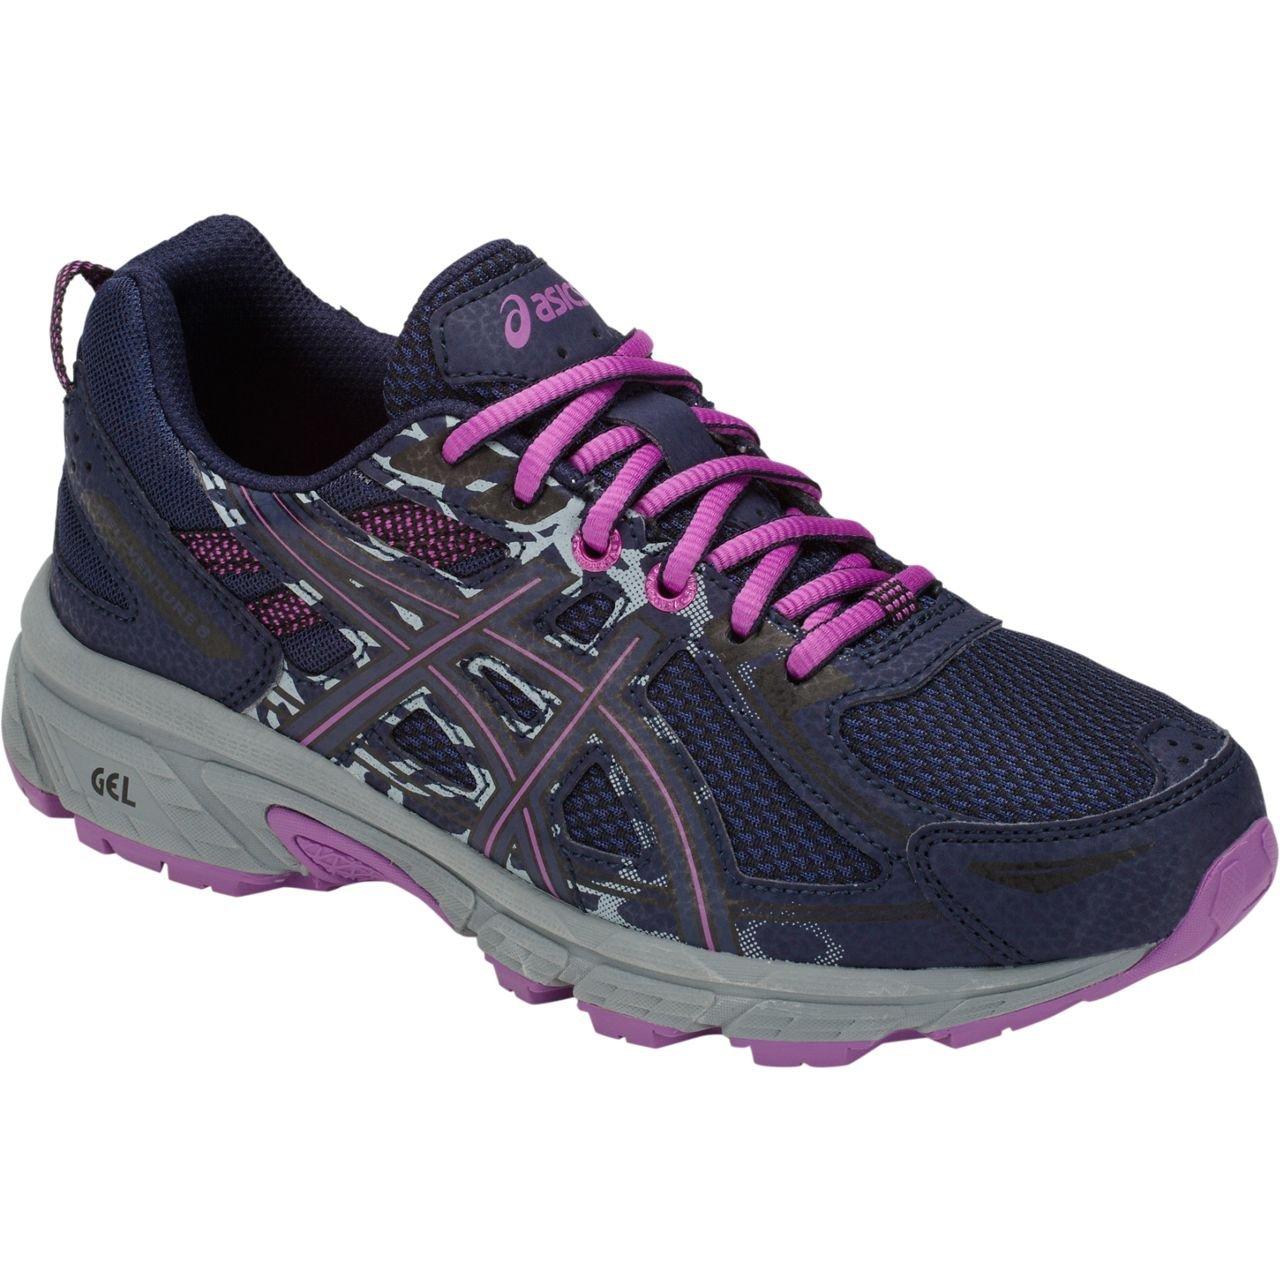 2c434b6fa3ca Galleon - ASICS C744N Kid s Gel-Venture 6 GS Running Shoe